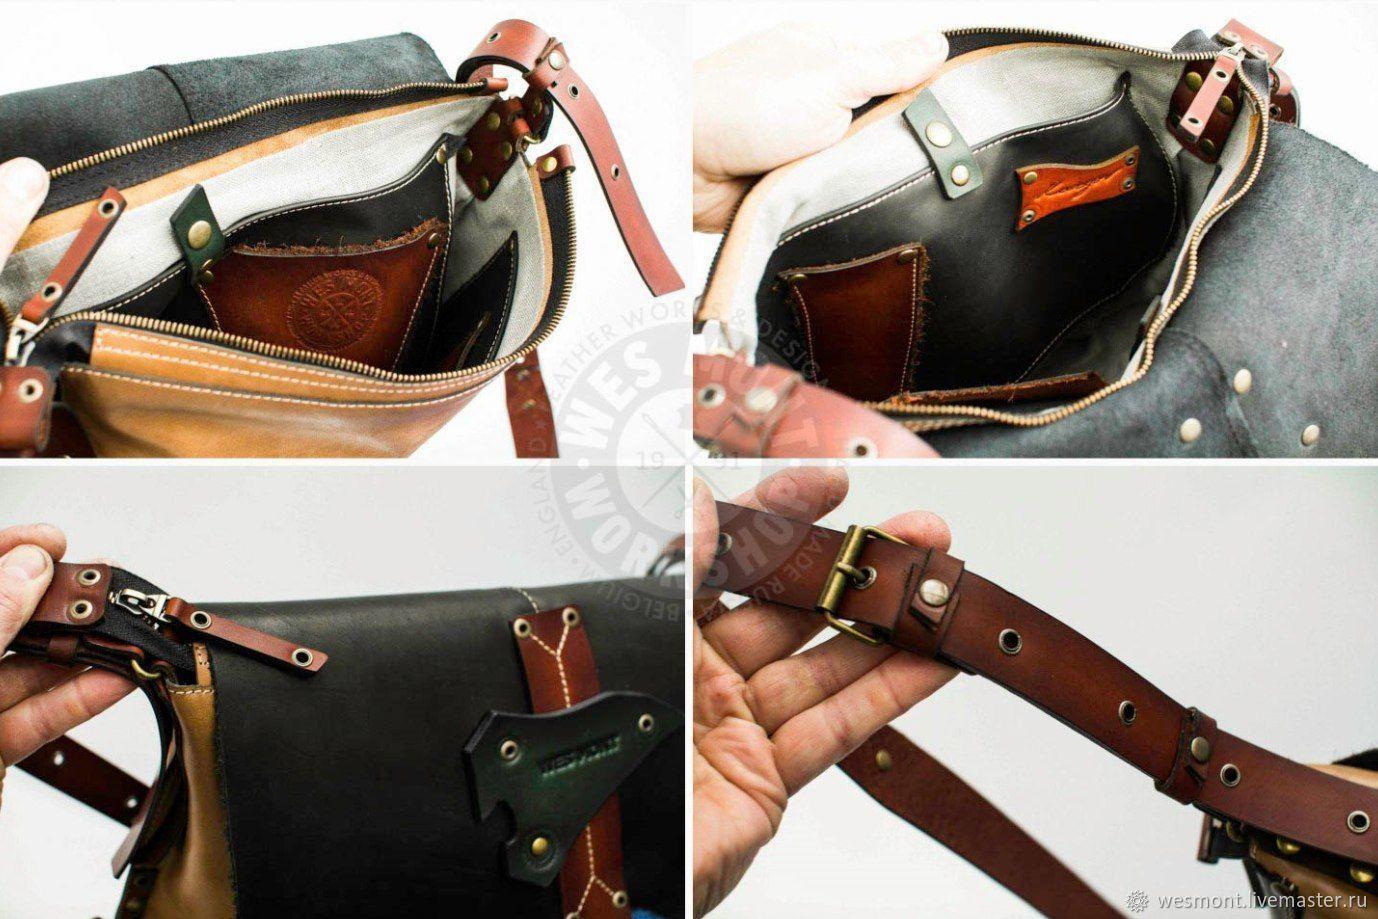 d9aabe49dbc4 ... Мужские сумки ручной работы. Сумка кожаная универсальная ГАУЧО-4  Эксклюзивная, авторская работа.